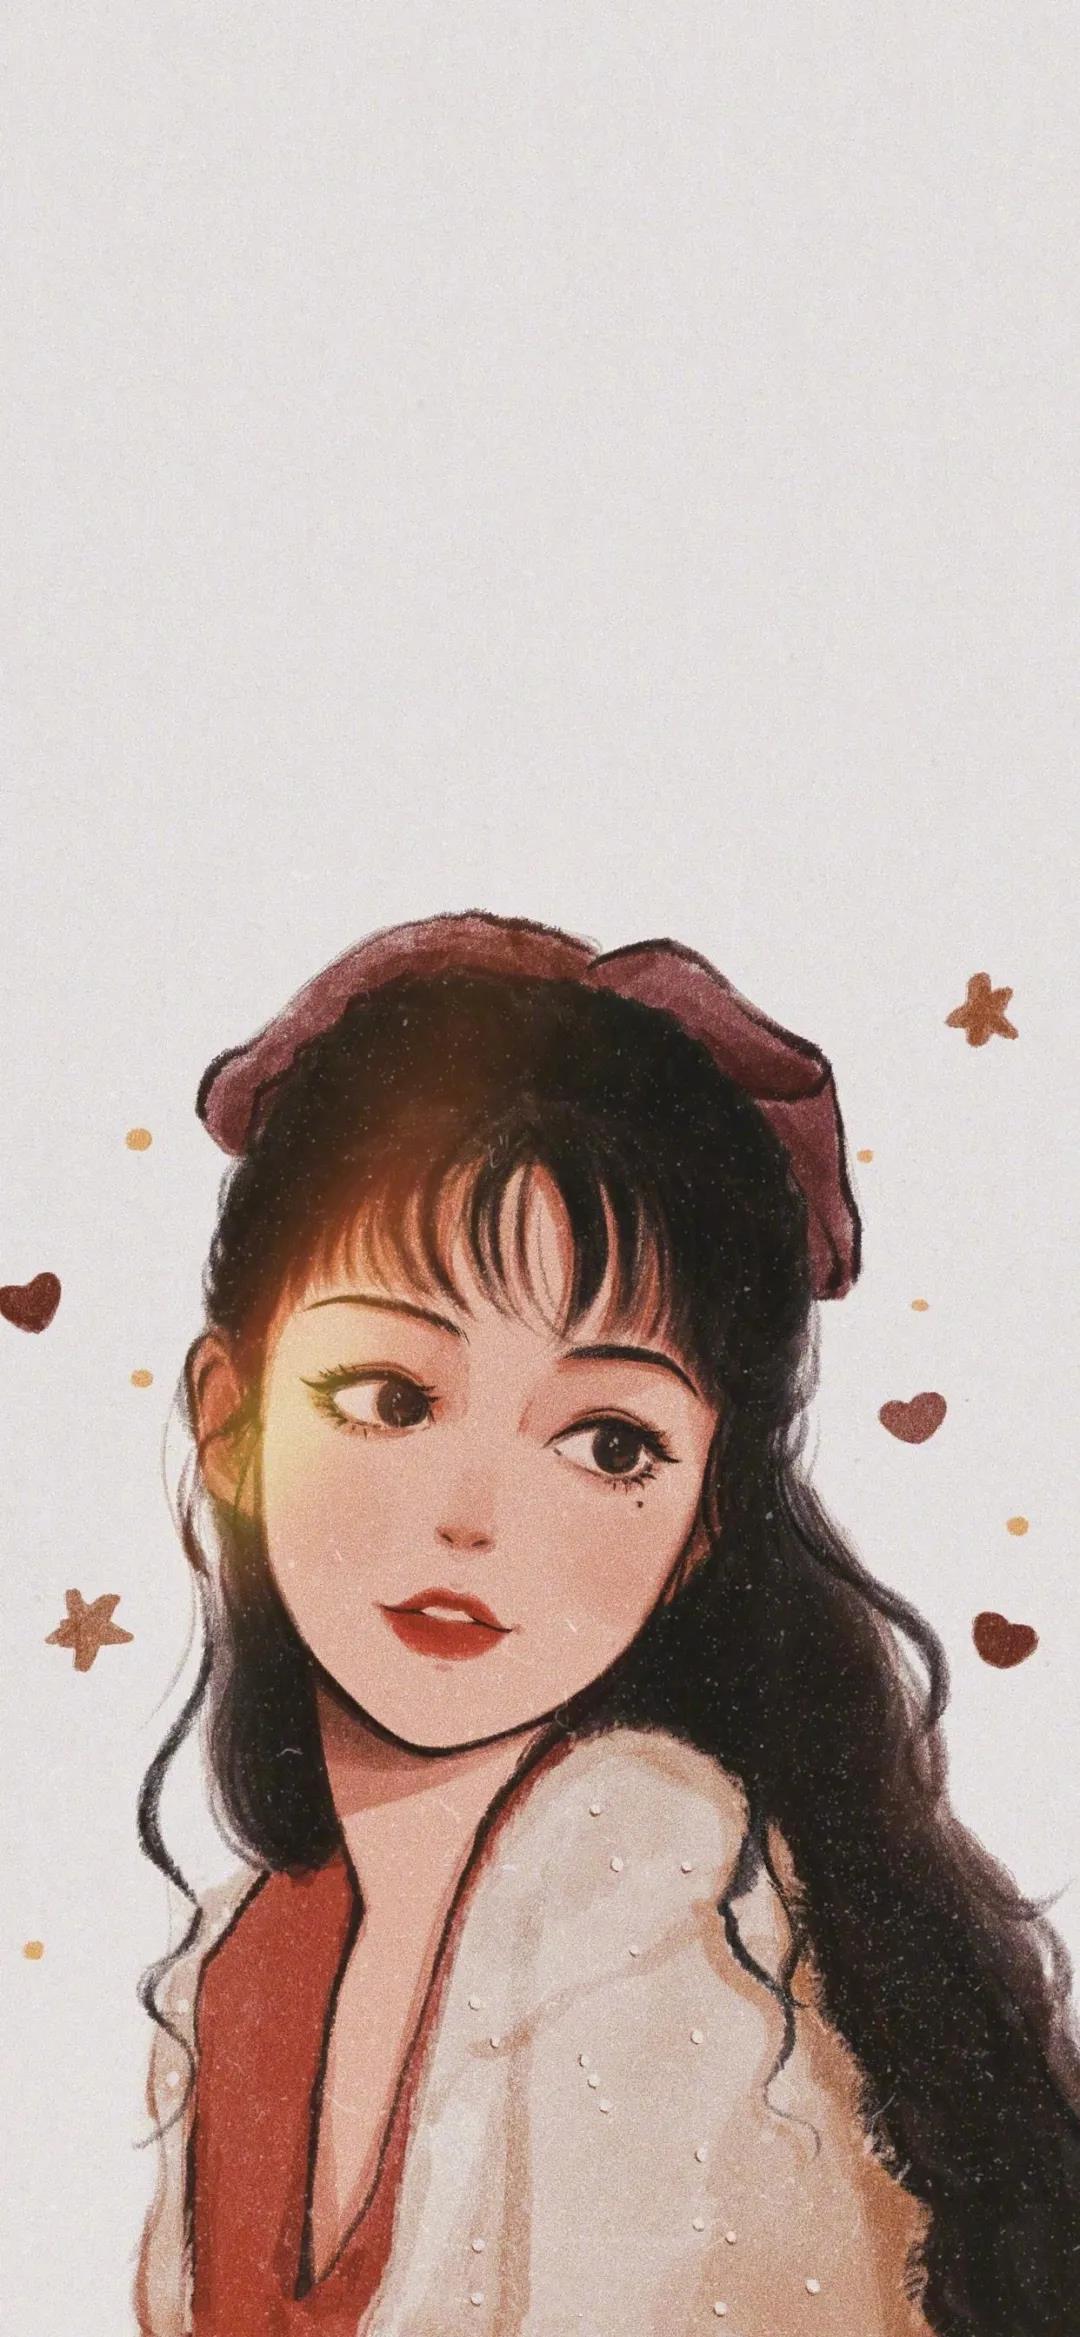 美女明星粉丝手绘高清手机壁纸图片